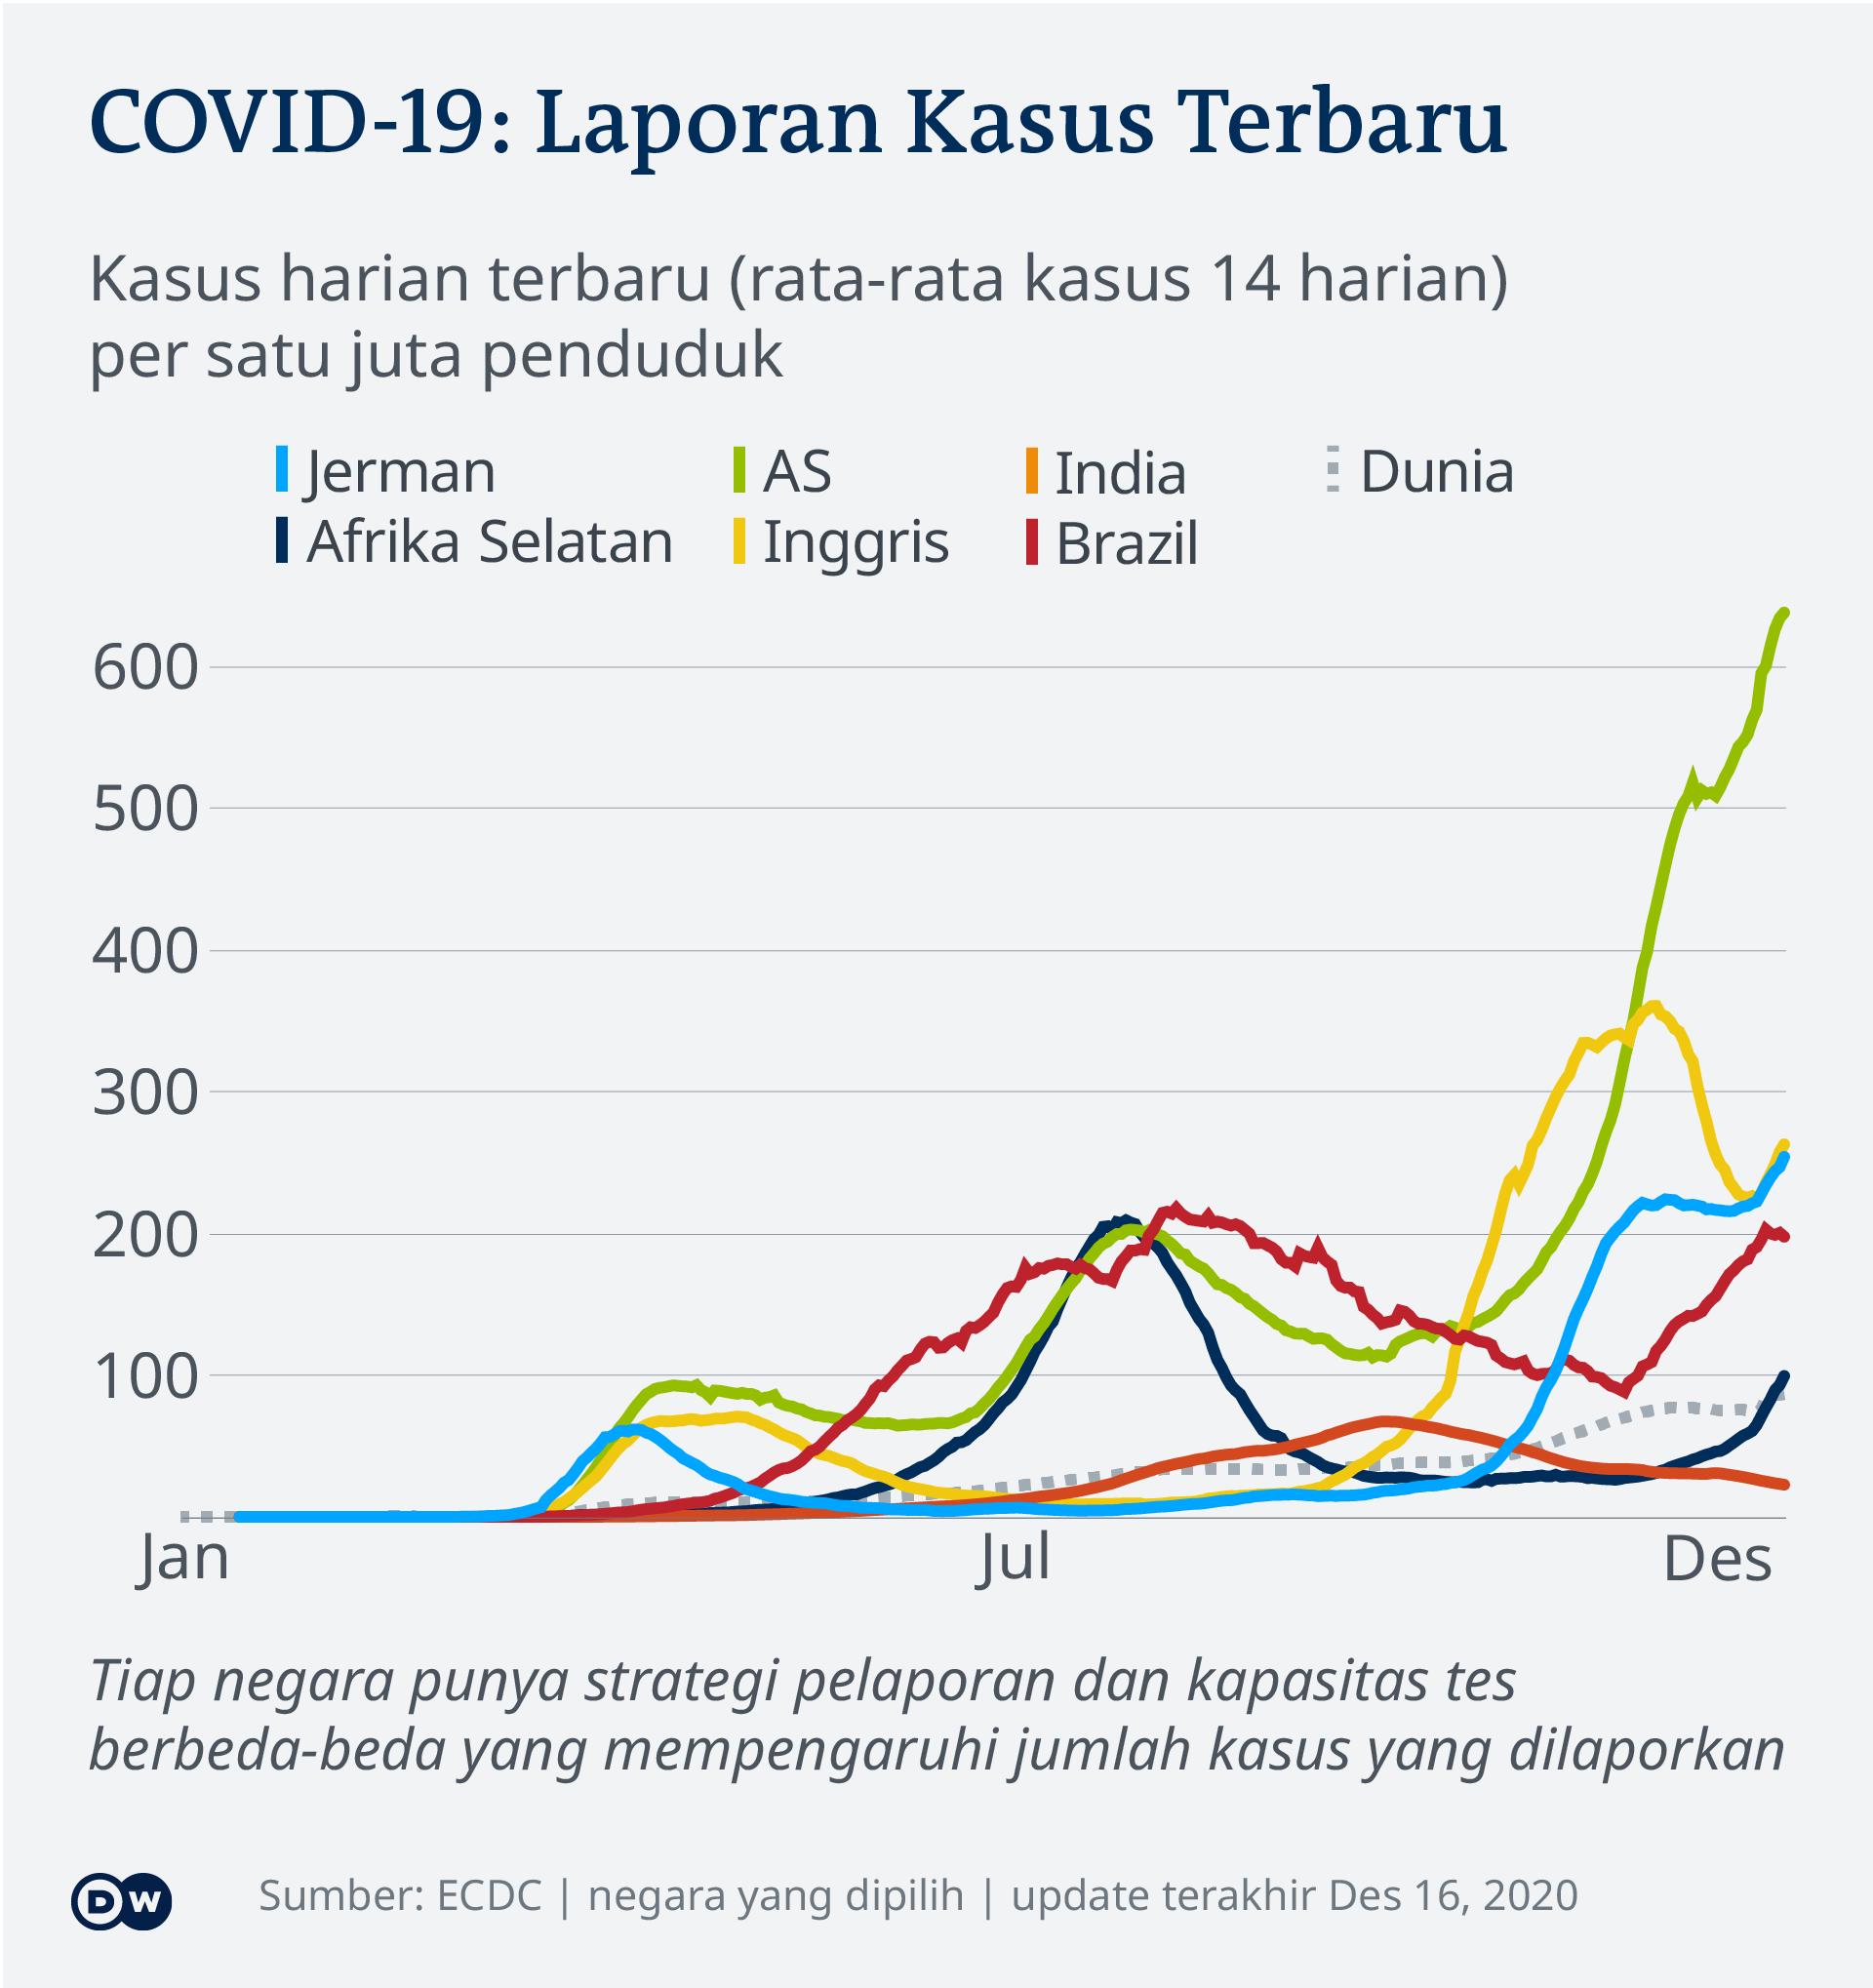 Perkembangan kasus Covid-19 di beberapa negara per 16 Desember 2020